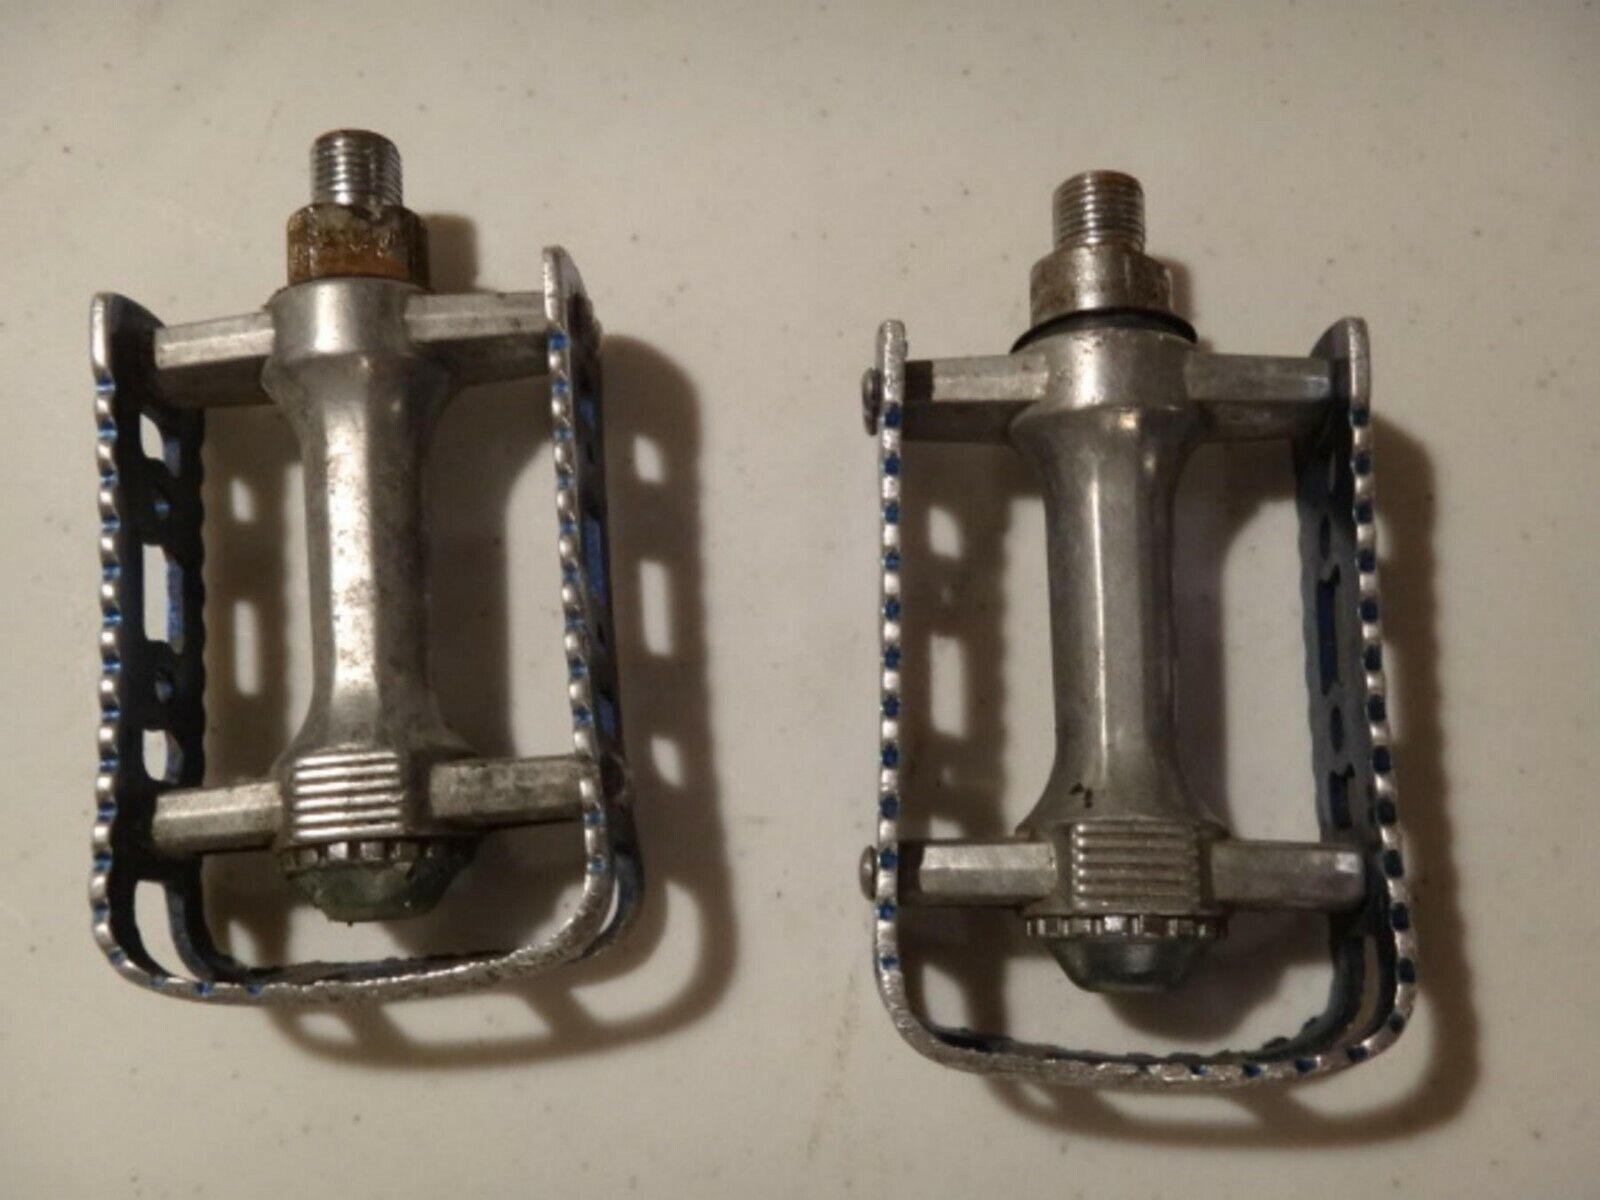 mp130 SR 2 1 Pedals Bmx c582dmmfr2510 Fahrradkomponenten und